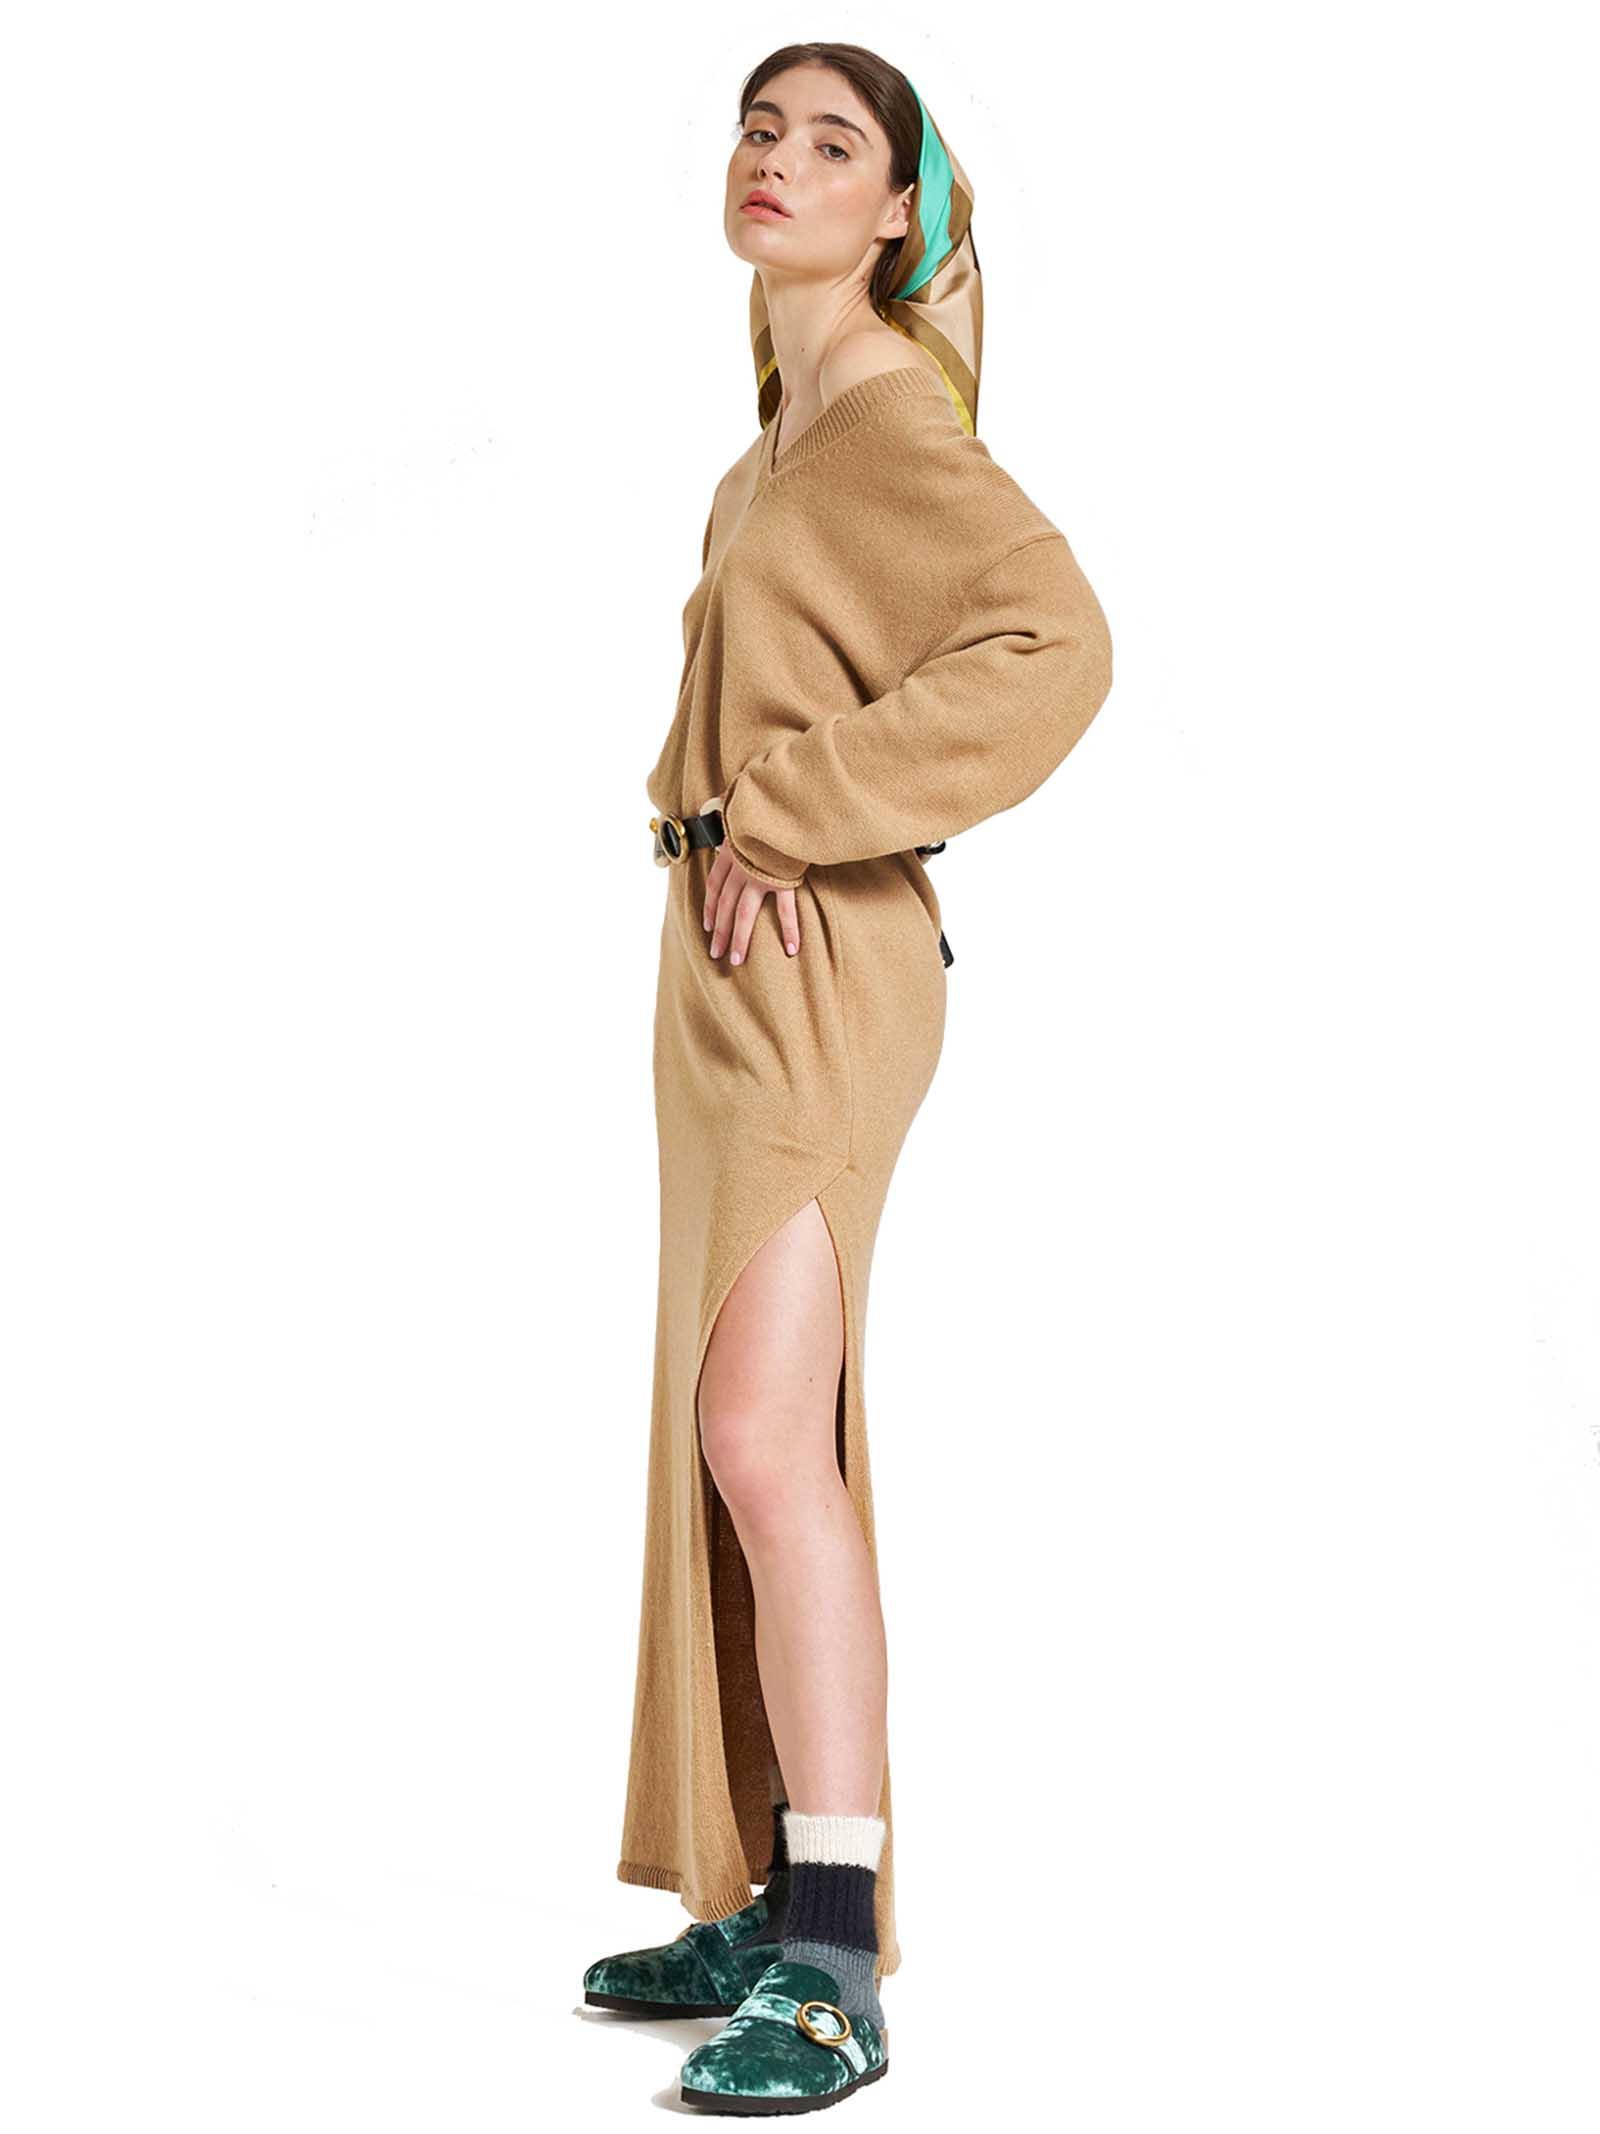 Abbigliamento Donna Abito Lungo Re-volution in Maglia di Lana Beige Scollo a V Maliparmi | Abiti | JF64737051812035